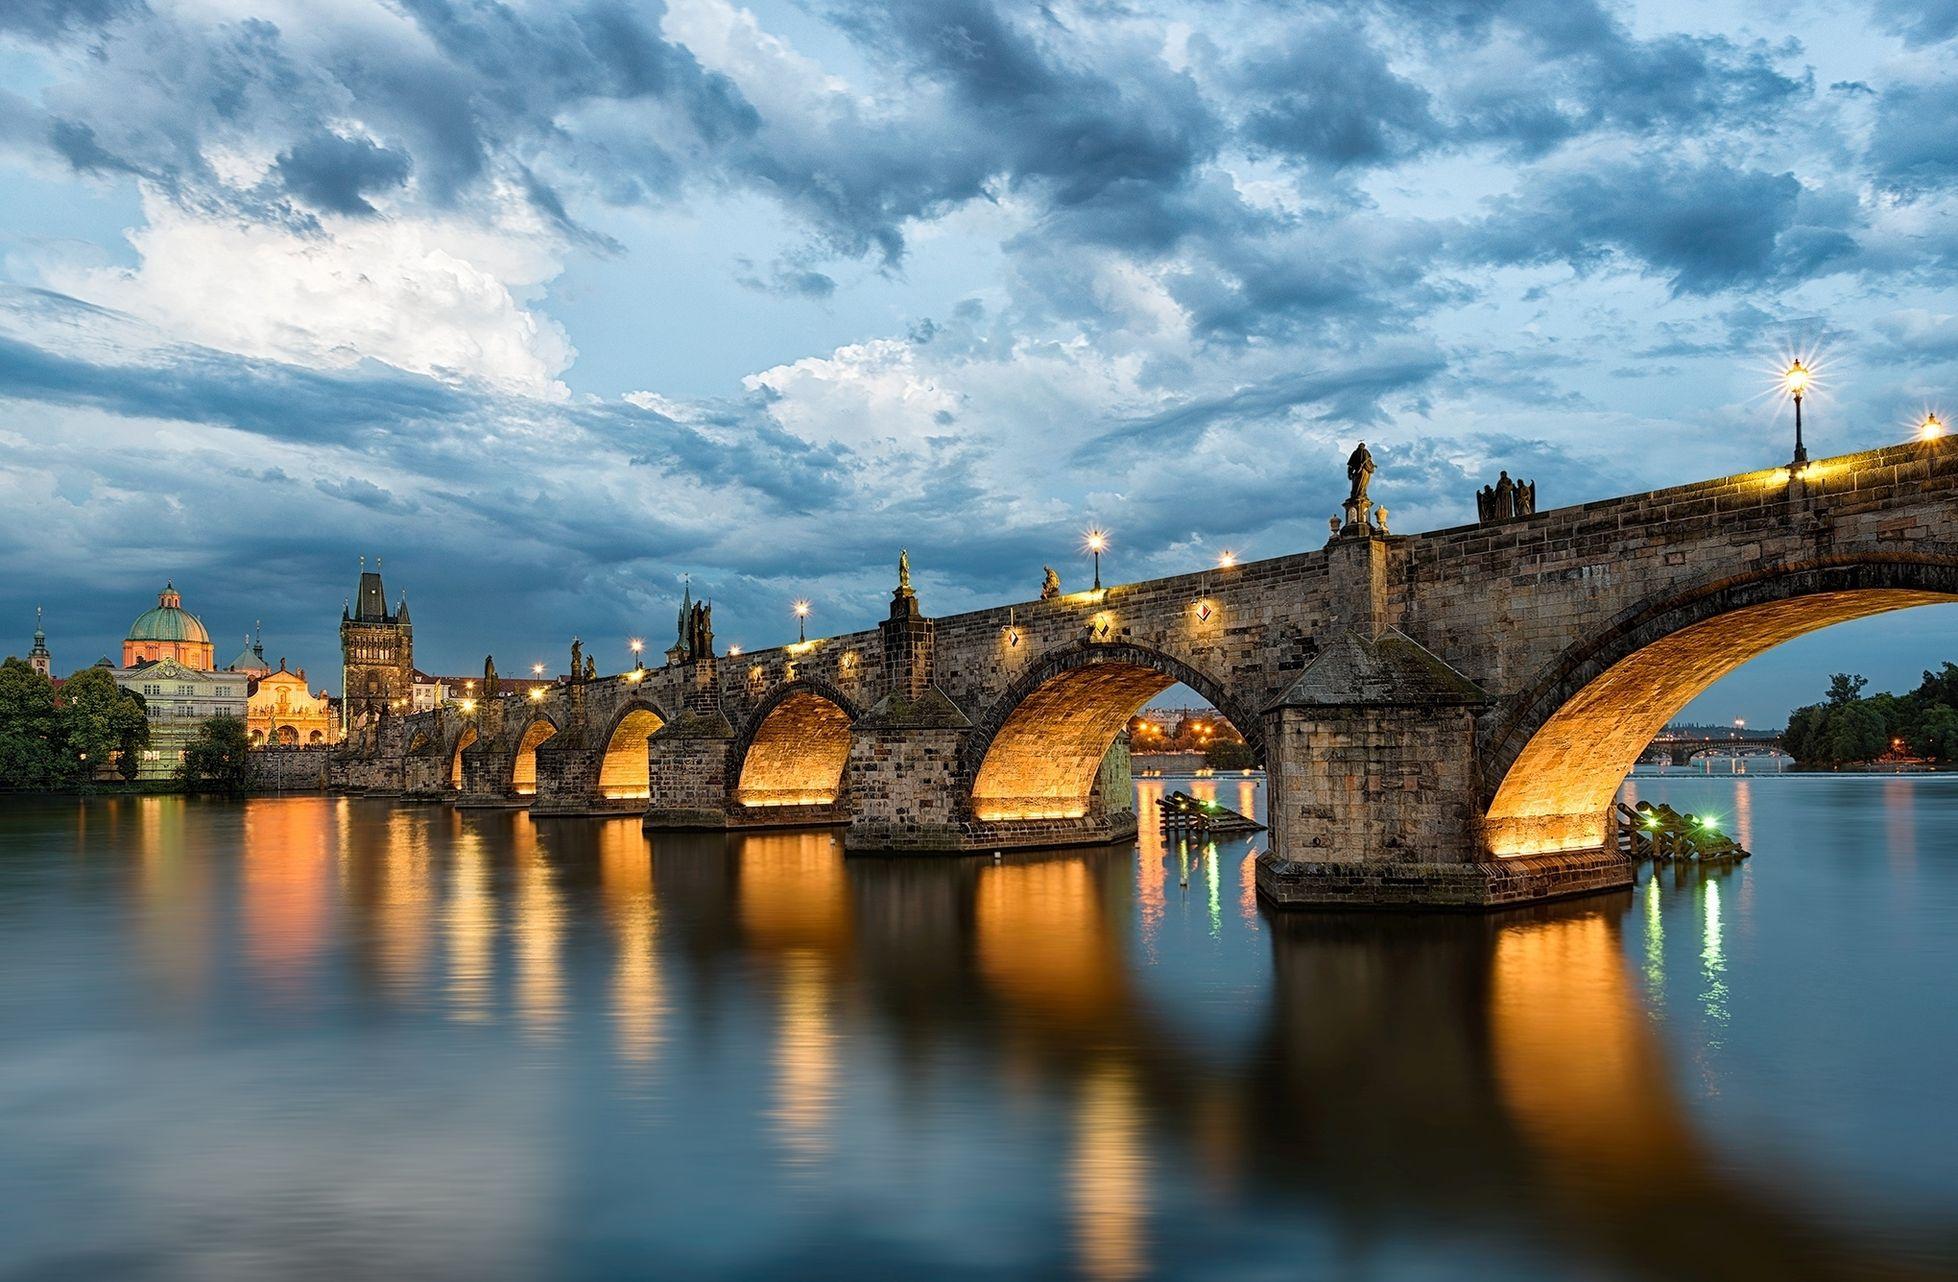 мосты чехии в картинках места планеты